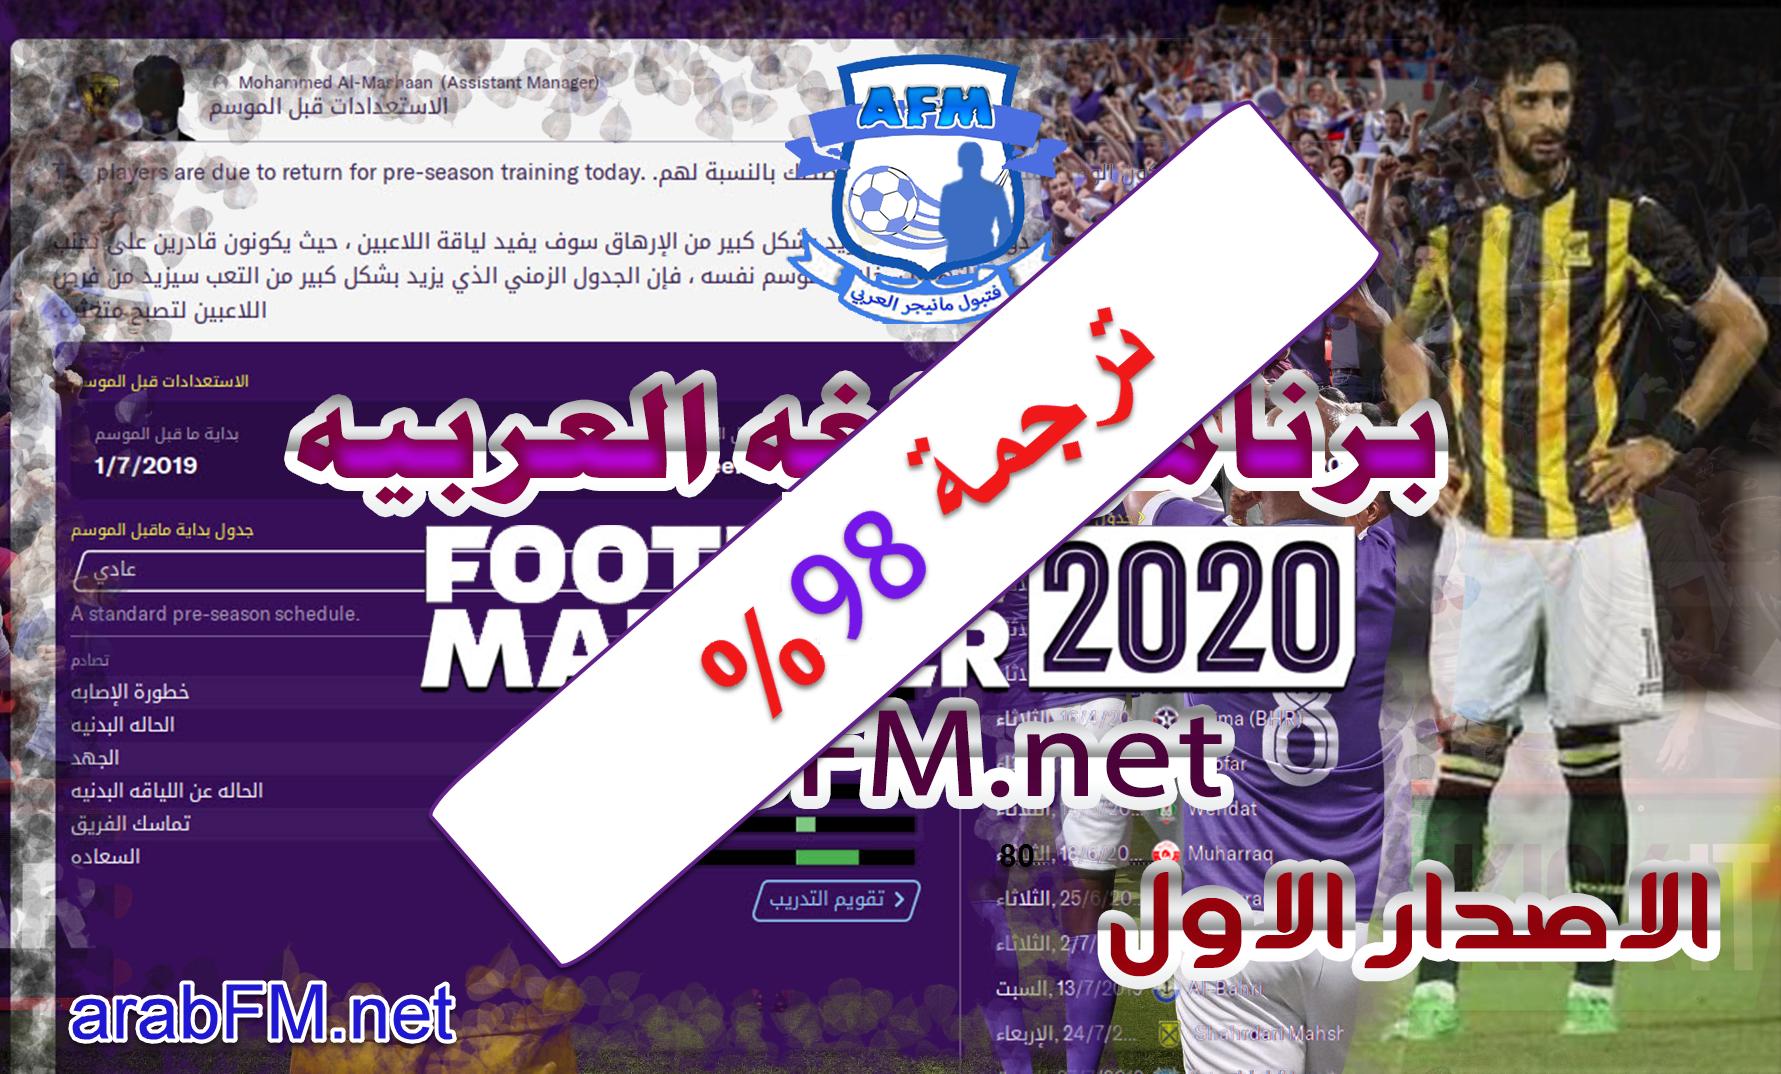 صورة برنامج اللغه العربيه فتبول مانيجر 2020 الترجمة بنسبة 98% …. الإصدار الأول التجريبي (1-4-2020)